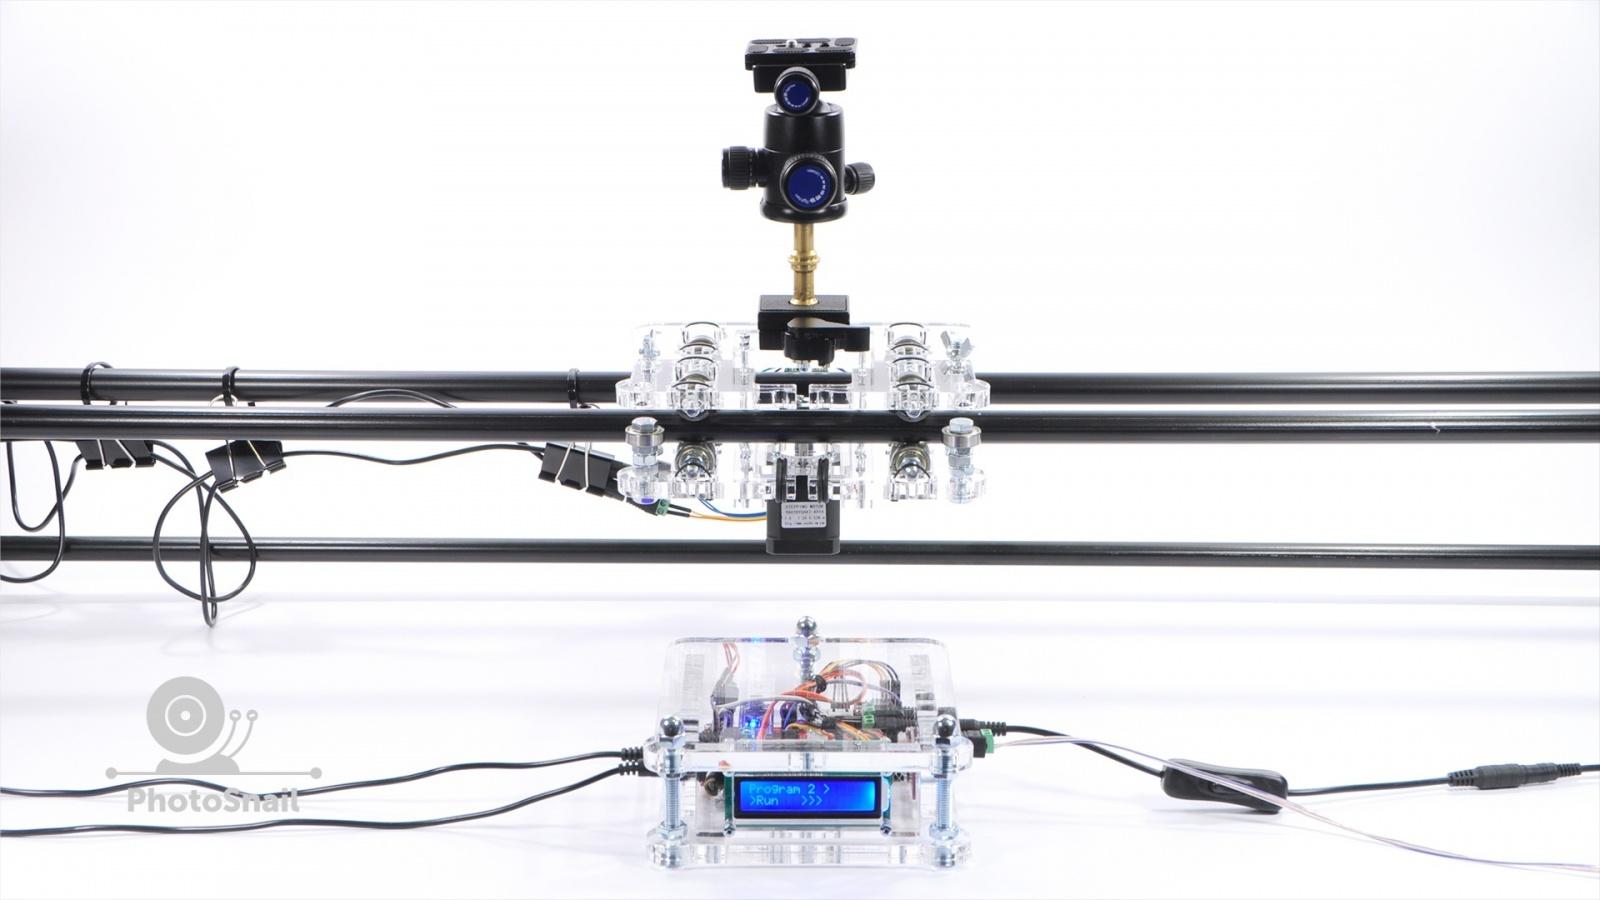 DIY моторизированный слайдер для съемки TimeLapse и видео - 2